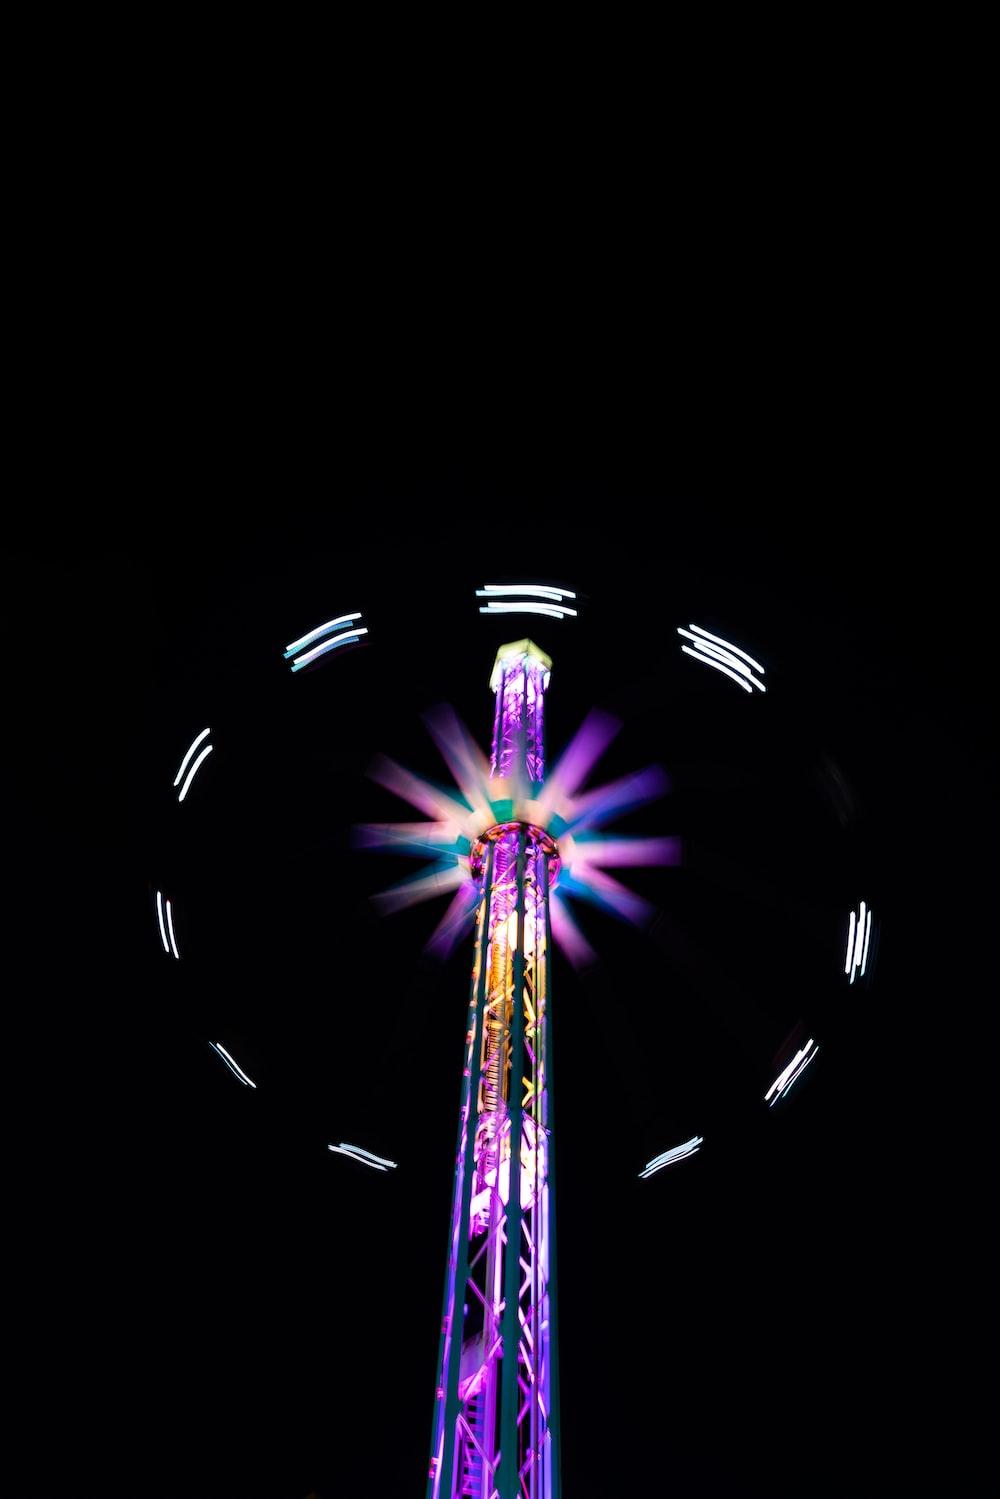 purple light tower